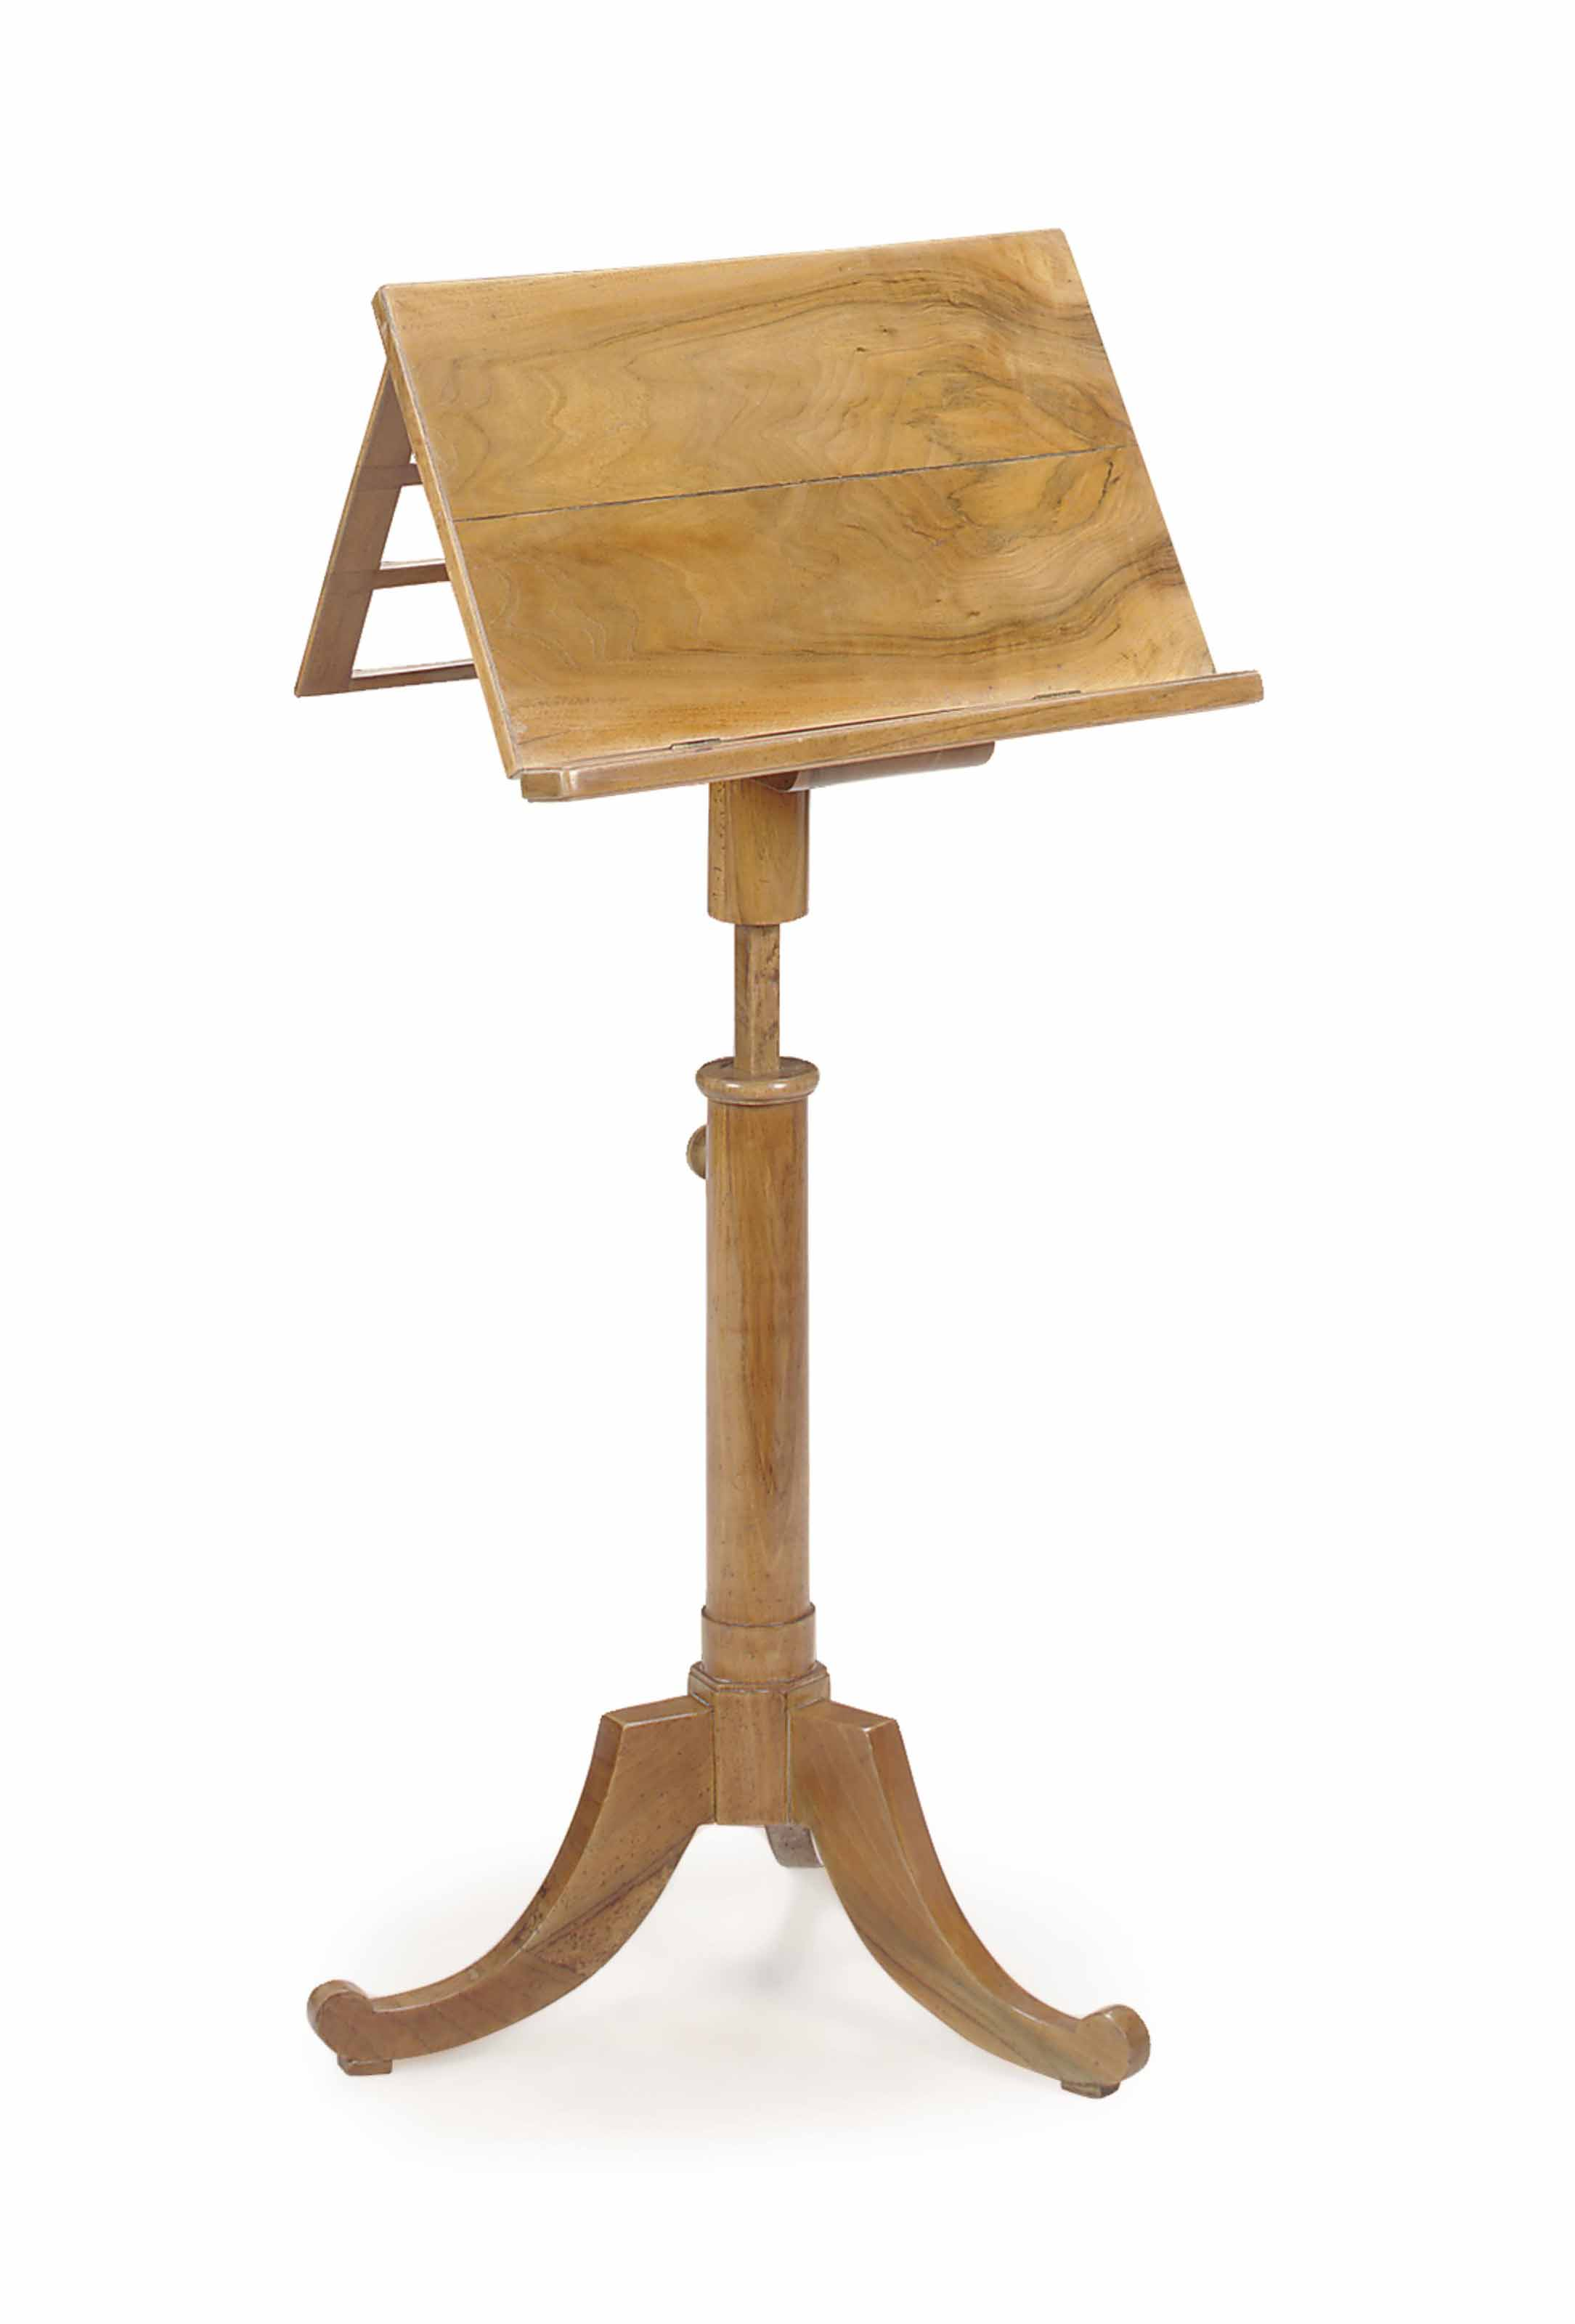 A BIEDERMEIER WALNUT ARTICULATED MUSIC STAND,